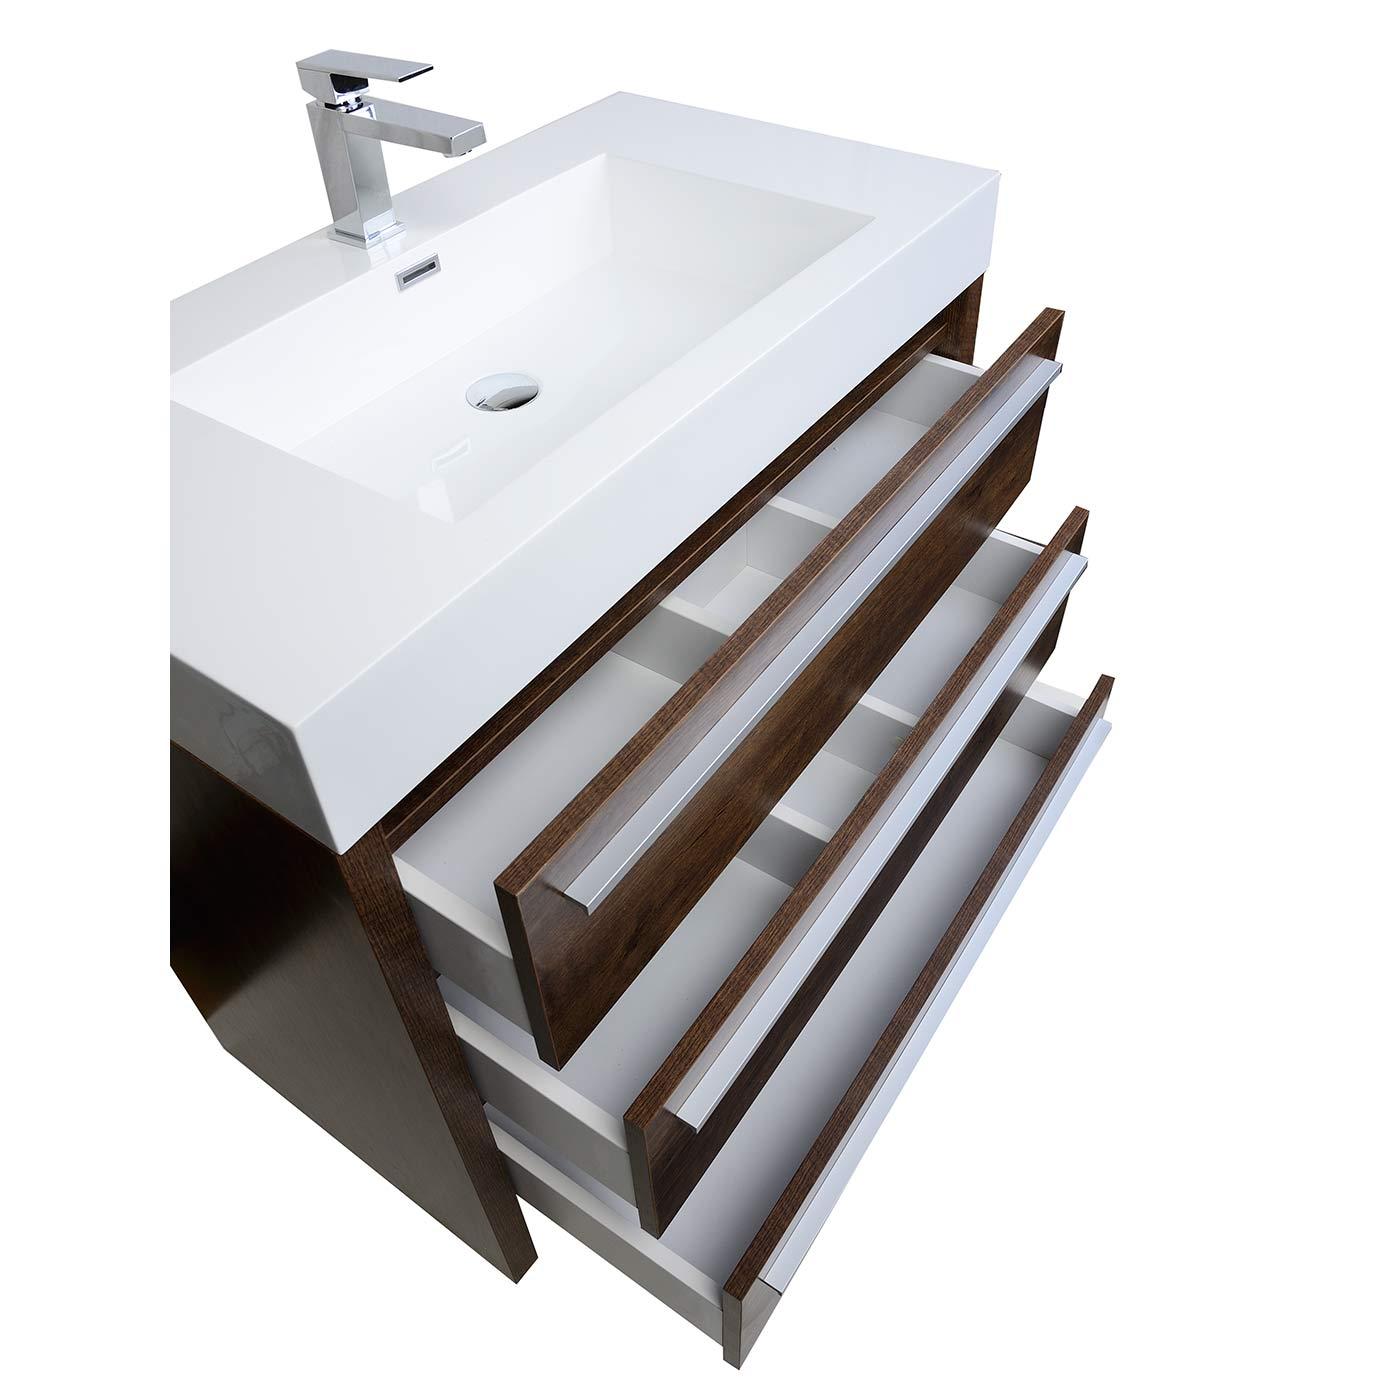 Buy Vinnce Inch Modern Bathroom Vanity In Rosewood TNLXRW - Modern free standing bathroom vanities